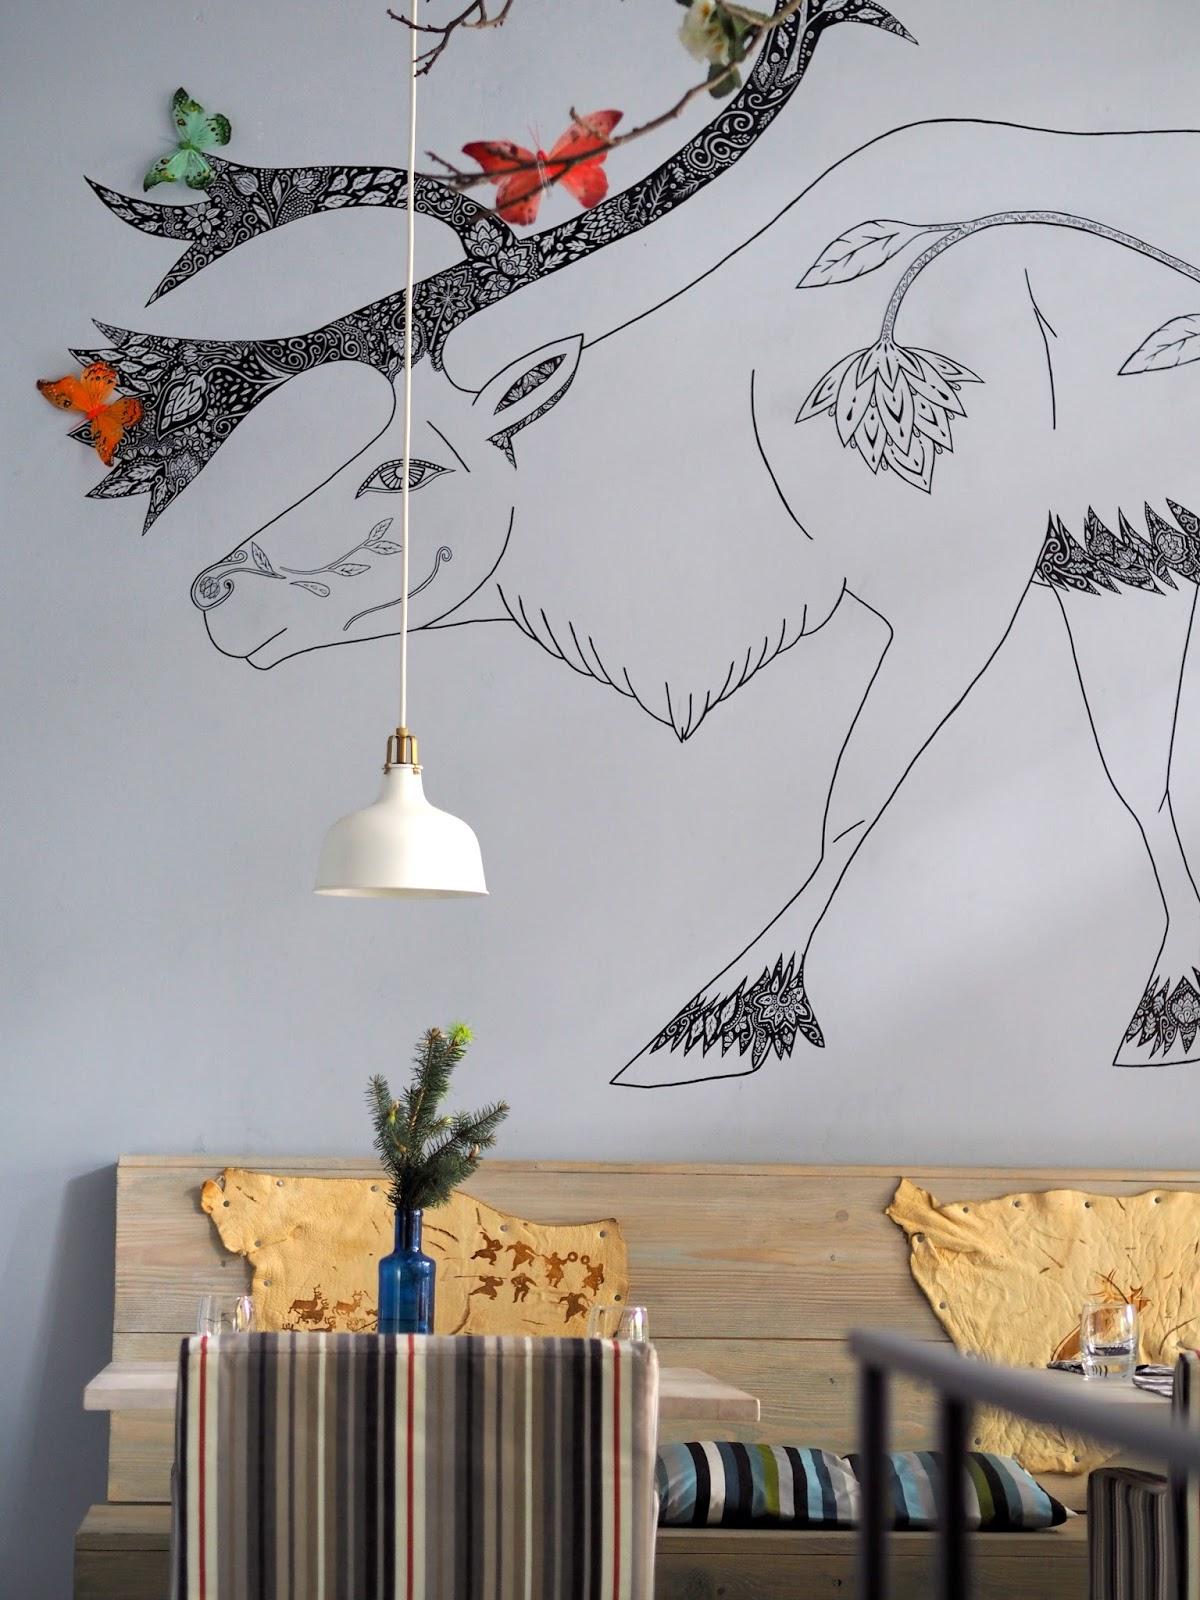 reinsdyr praha ryby restaurace skandinávie kuchyně